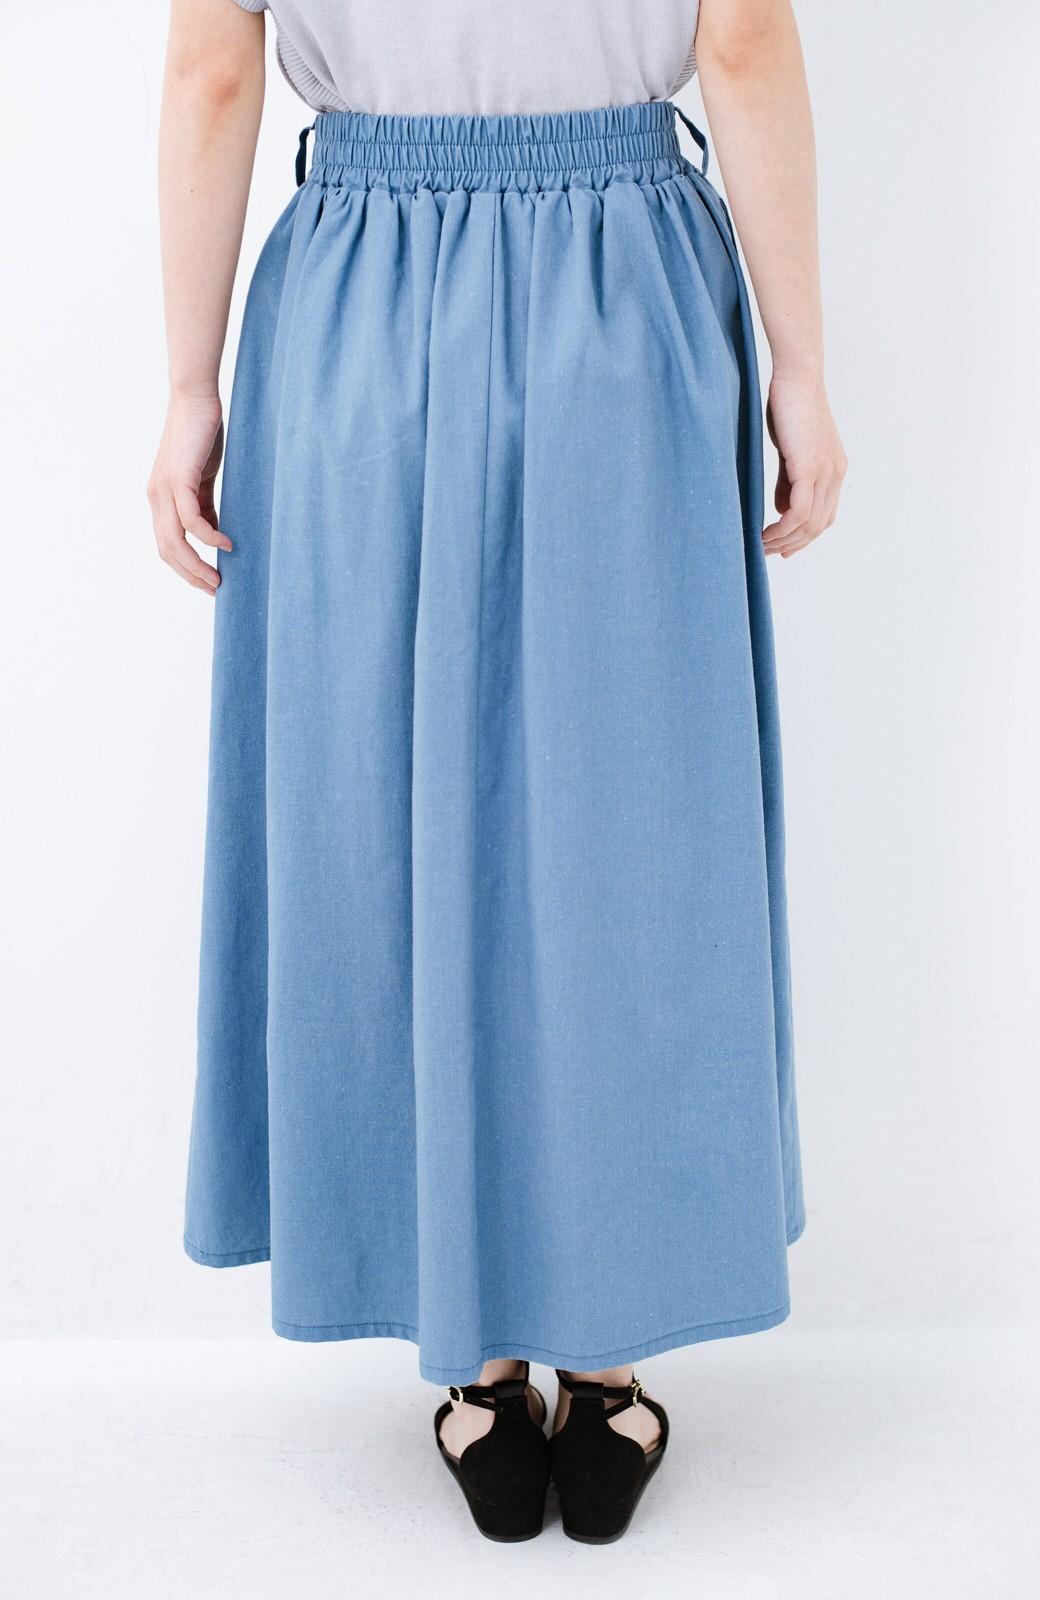 haco! 楽してスタイルが決まる 涼やか麻混スカート <ライトブルー>の商品写真7